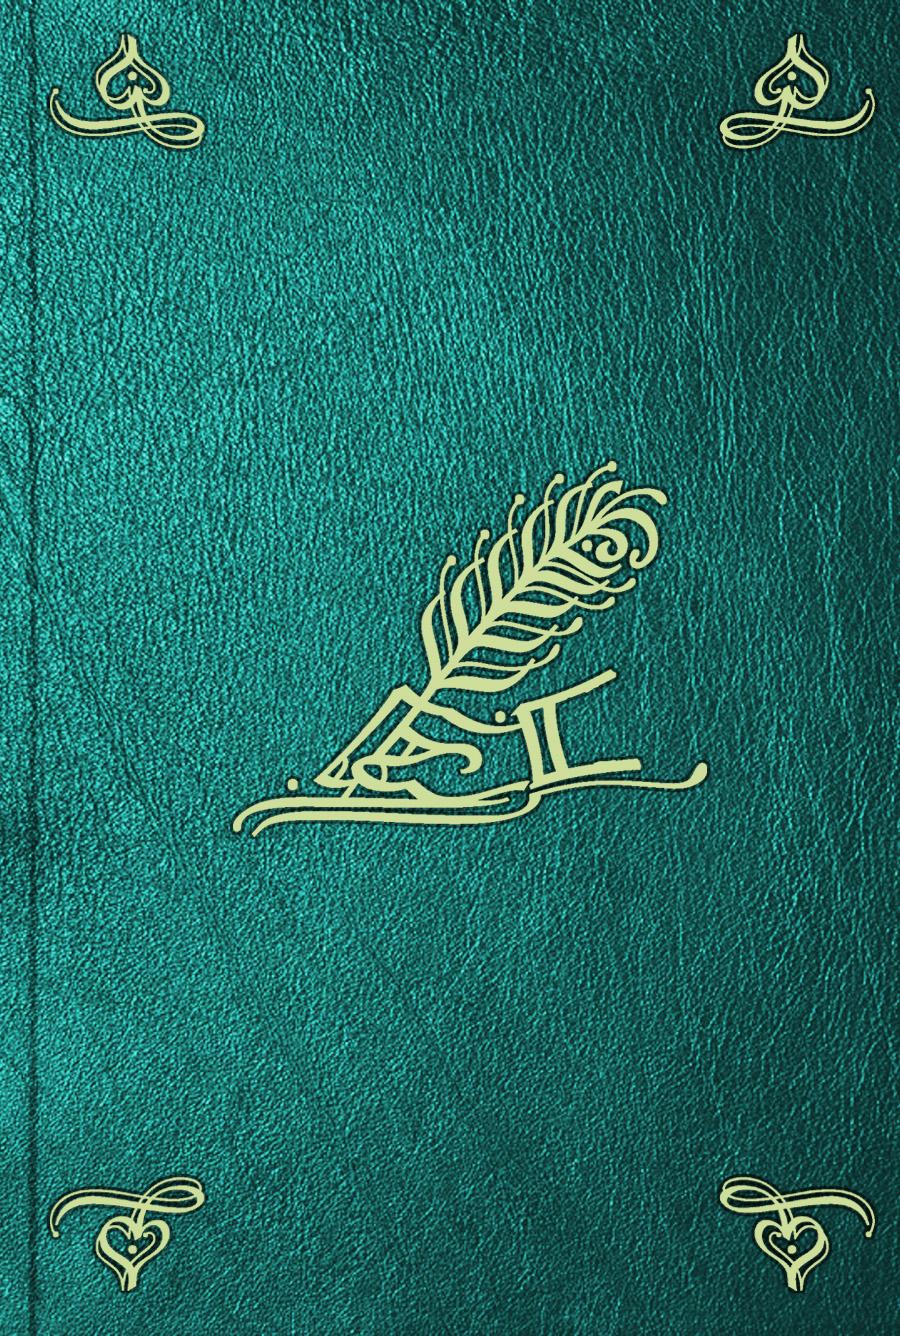 A. Barginet Le grenadier de l'ile d'Elbe. T. 2 автор не указан le coran t 2